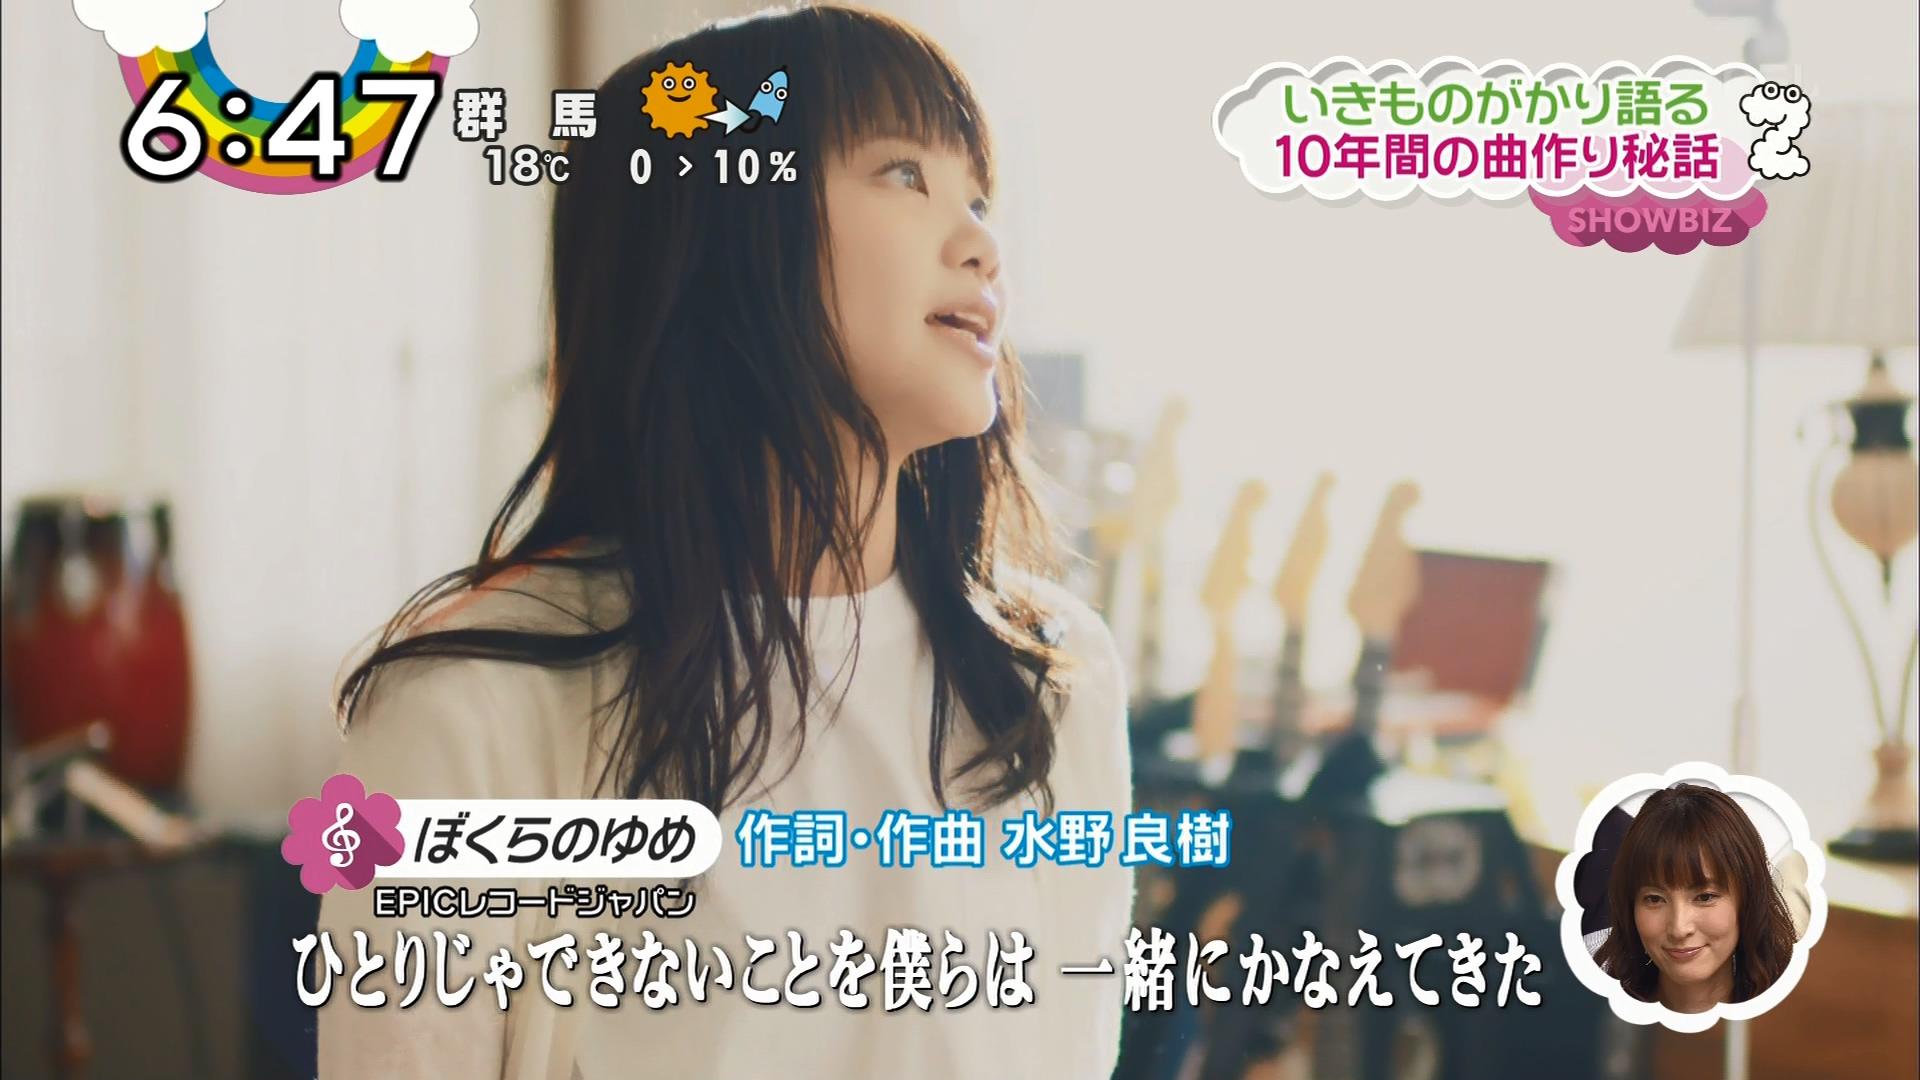 2016.03.18 いきものがかり10周年 - 愛される名曲の秘密(ZIP!).ts_20160318_080658.465